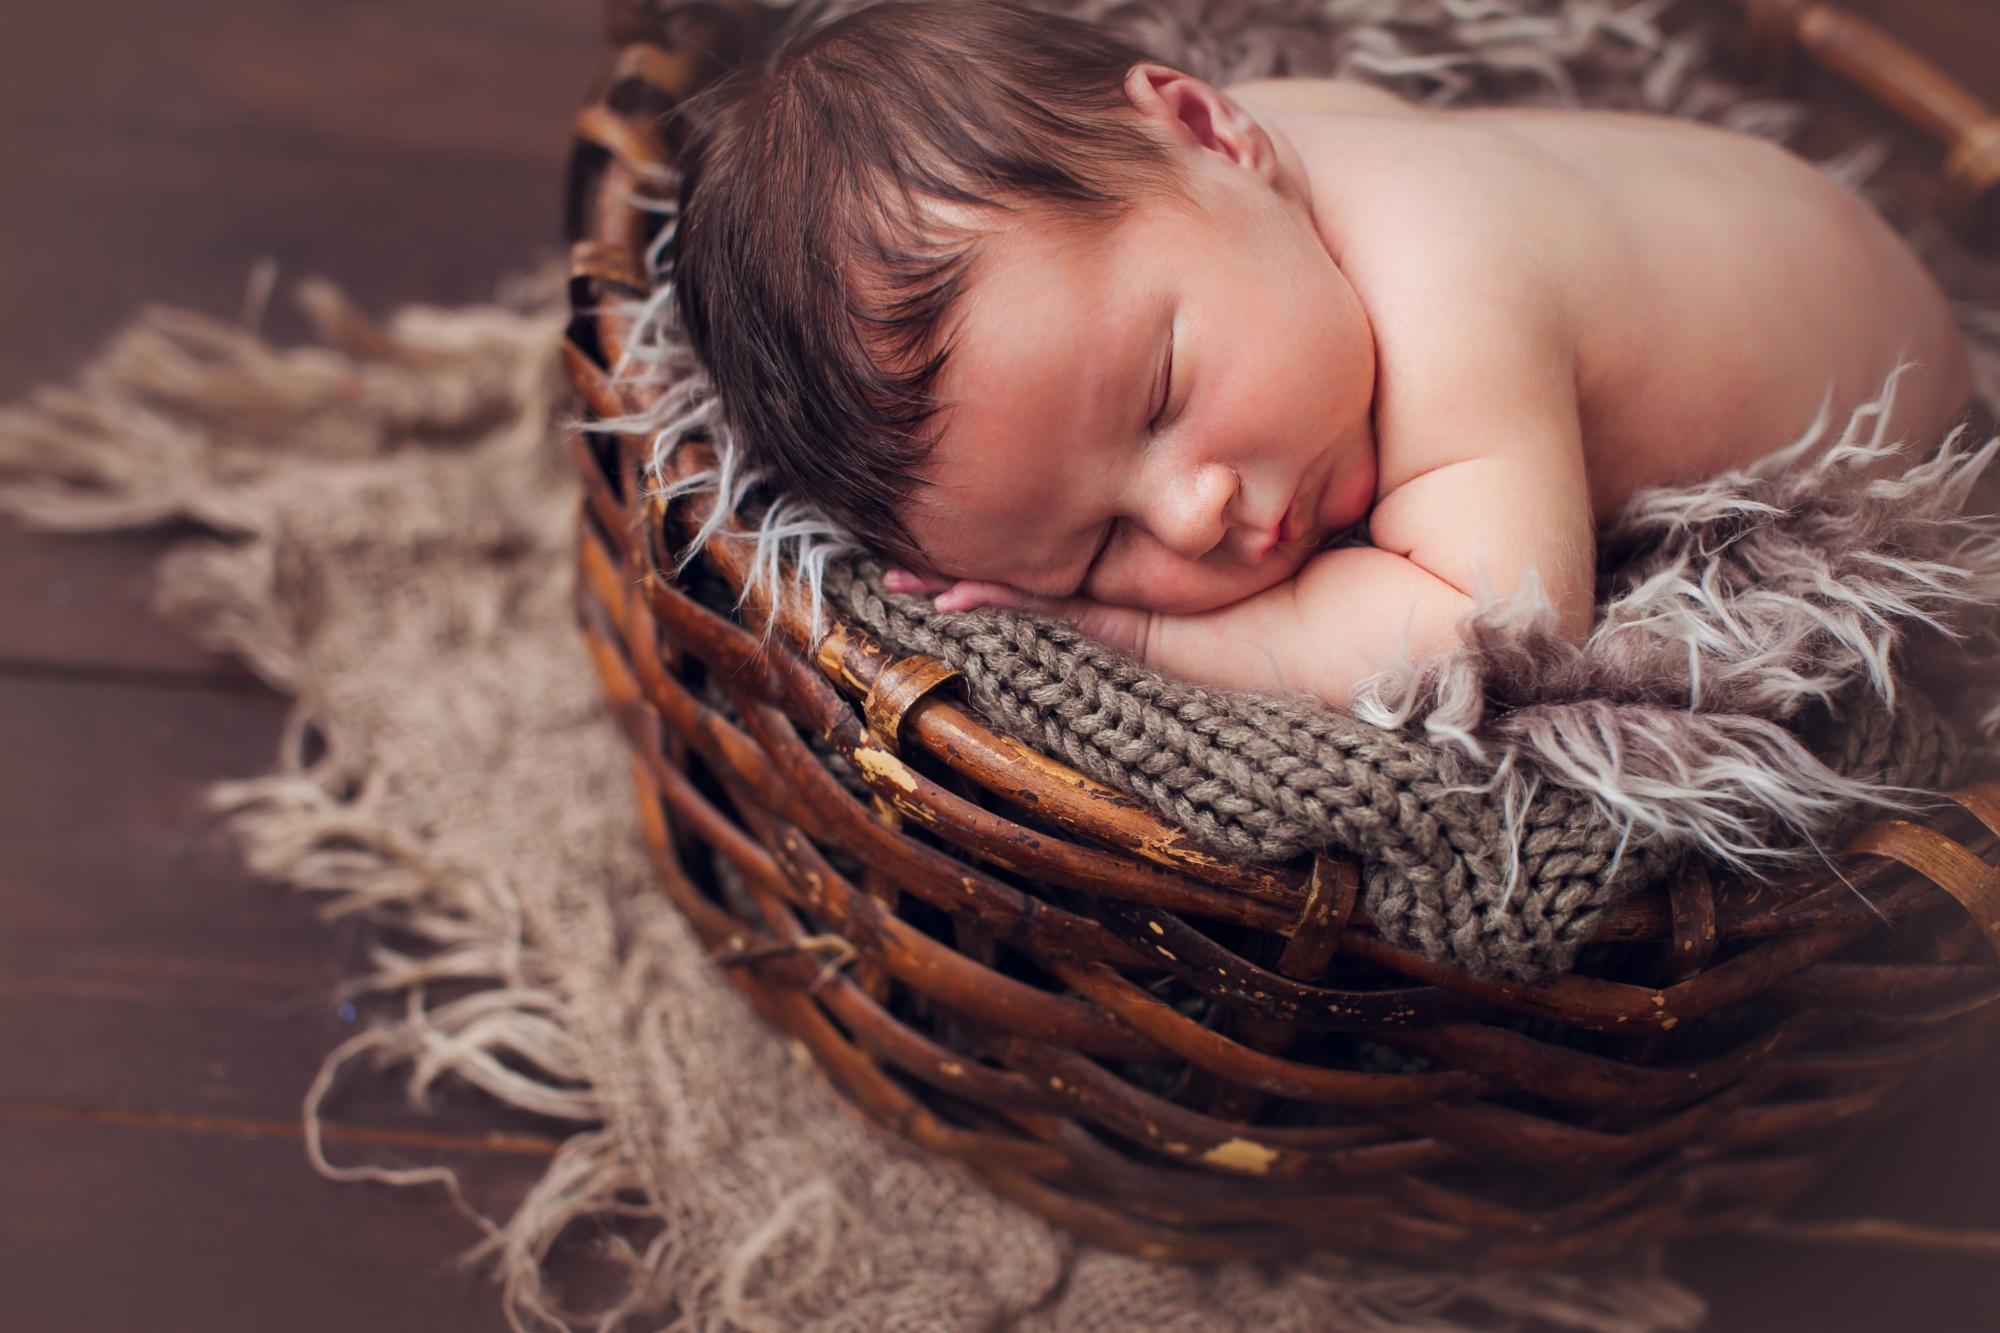 benjamin-newborns-pearl-photo-design-77.jpg